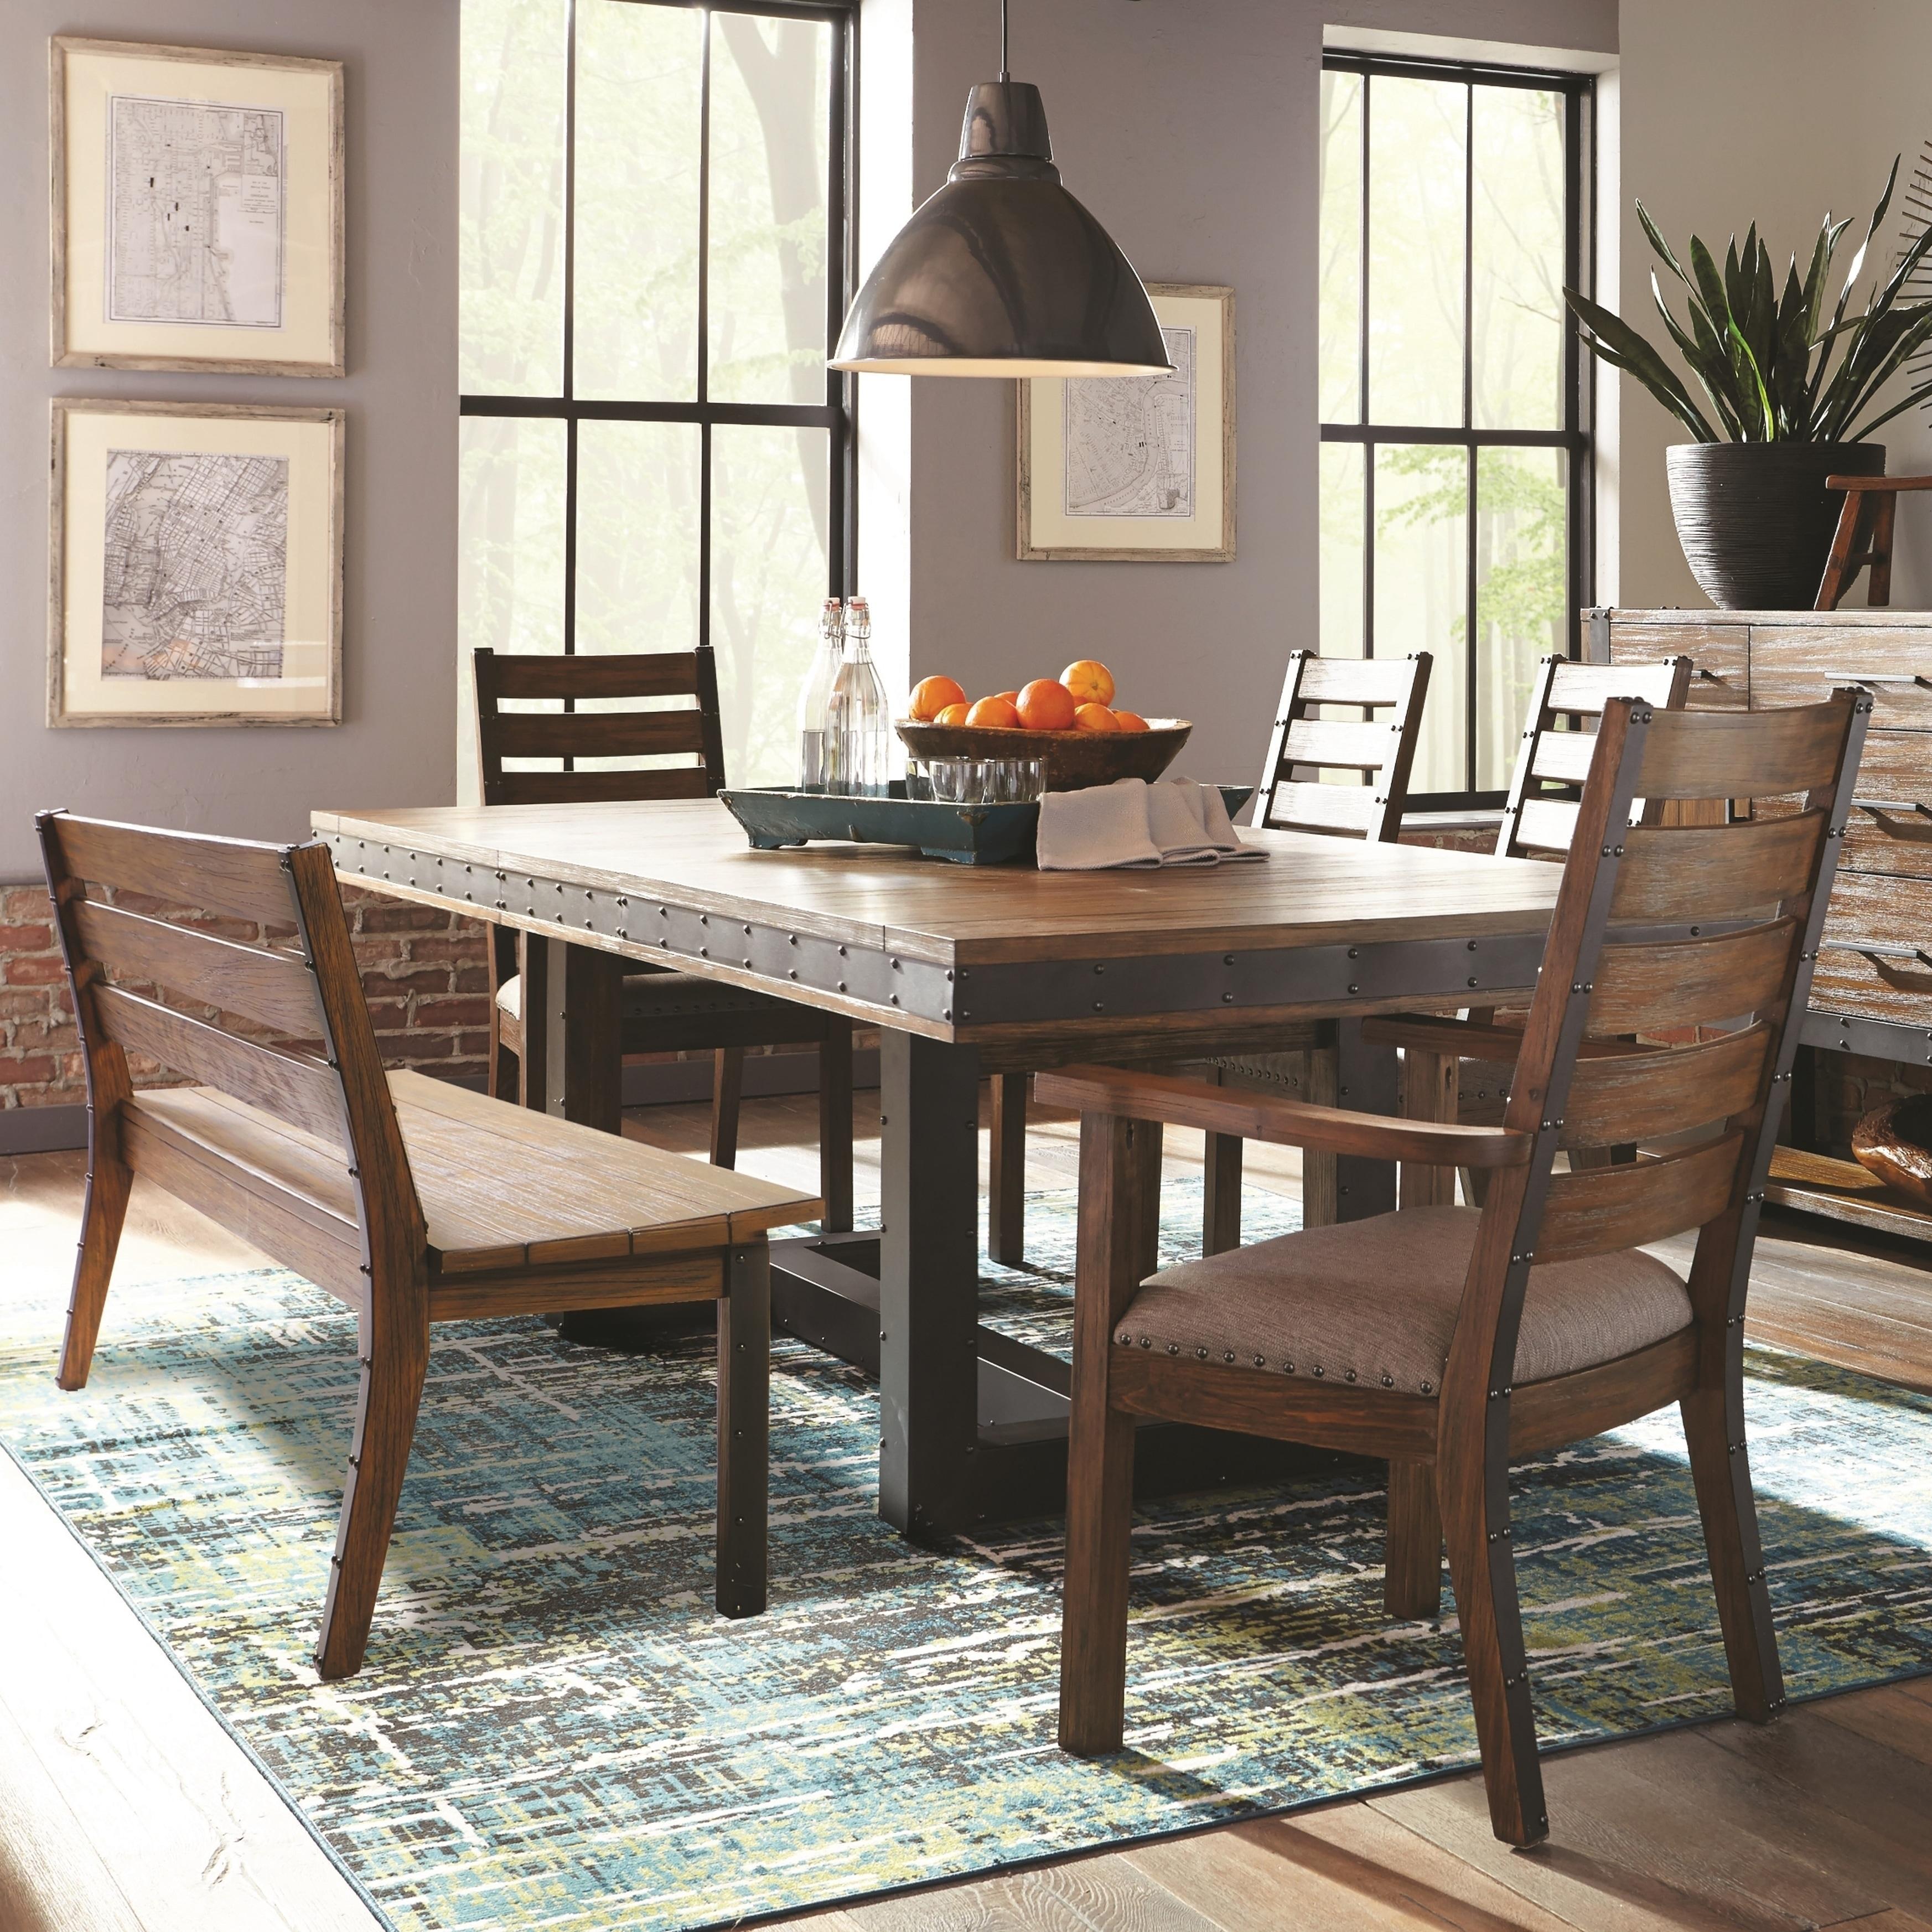 Carbon Loft Kareem Industrial Slat Back Design Wood And Metal Dining Set Overstock 23622622